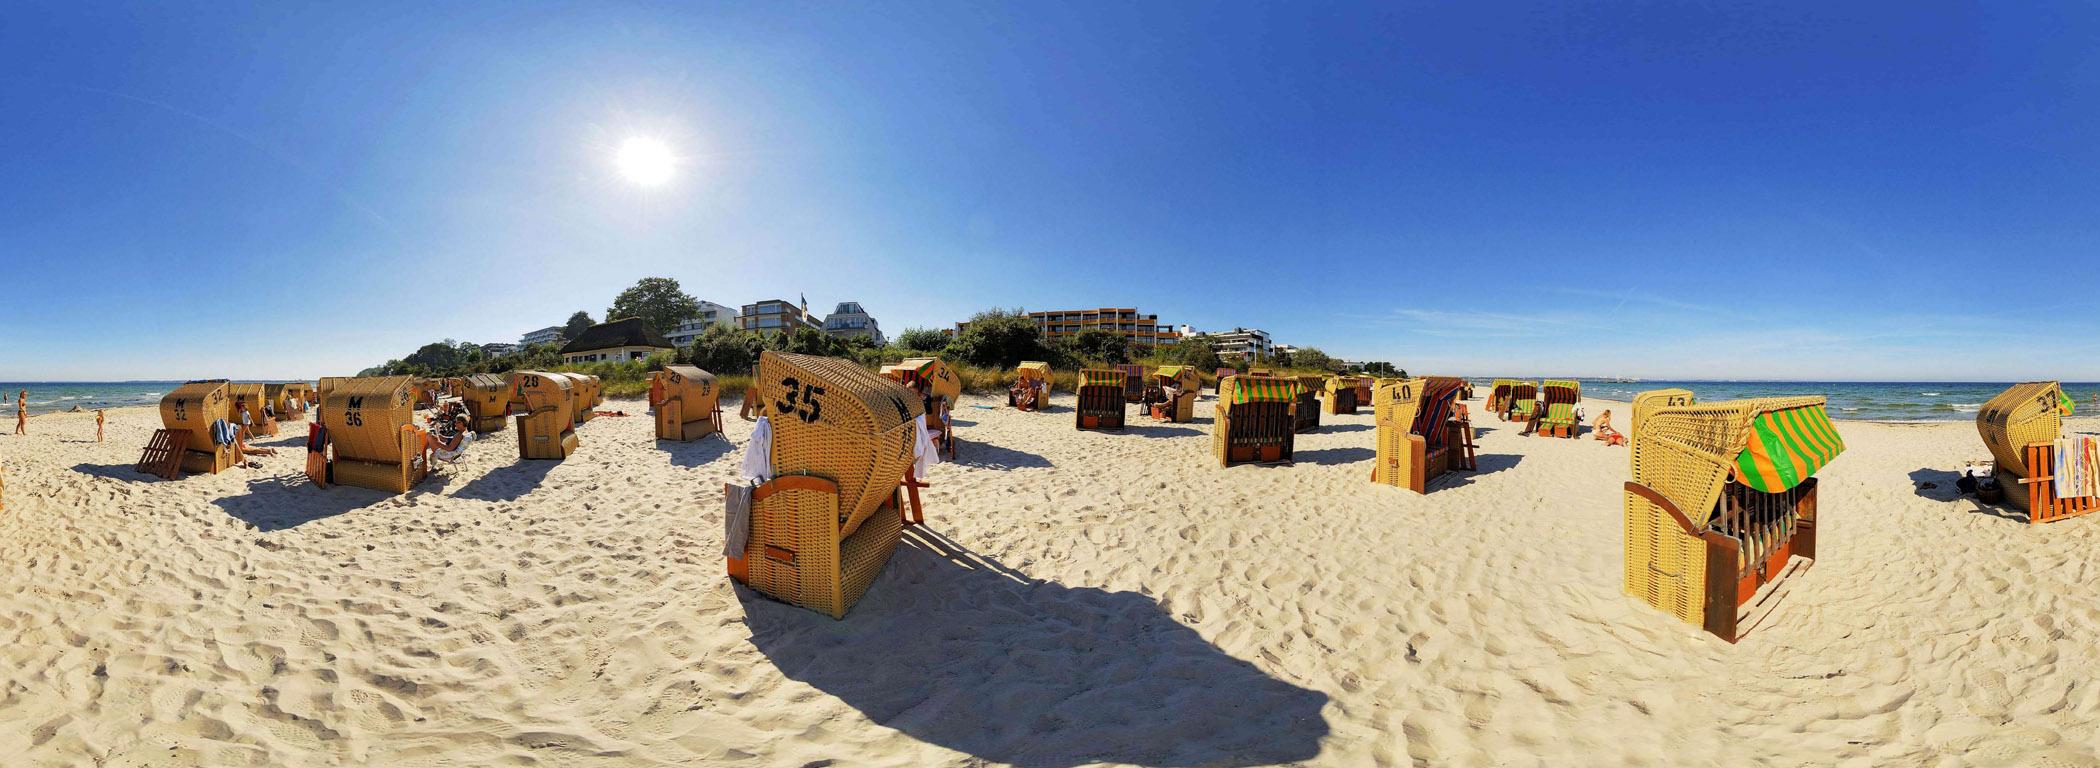 plage-de-luxe-photographie-panoramique